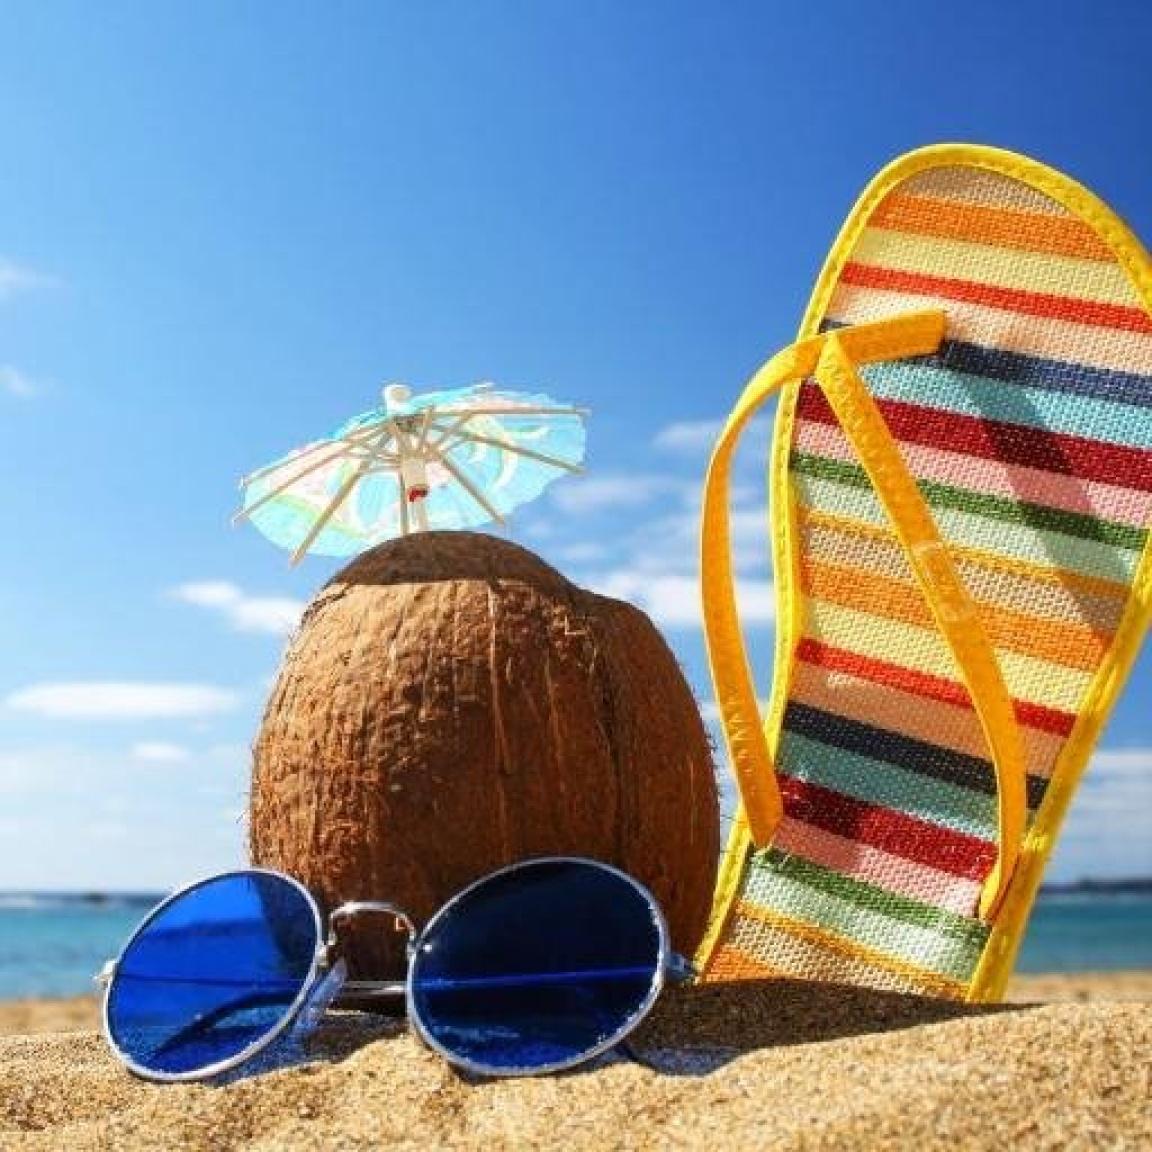 Sluiting met zomer  vakantie 14/8 t/m  29/8.-2021-06-14 14:33:39